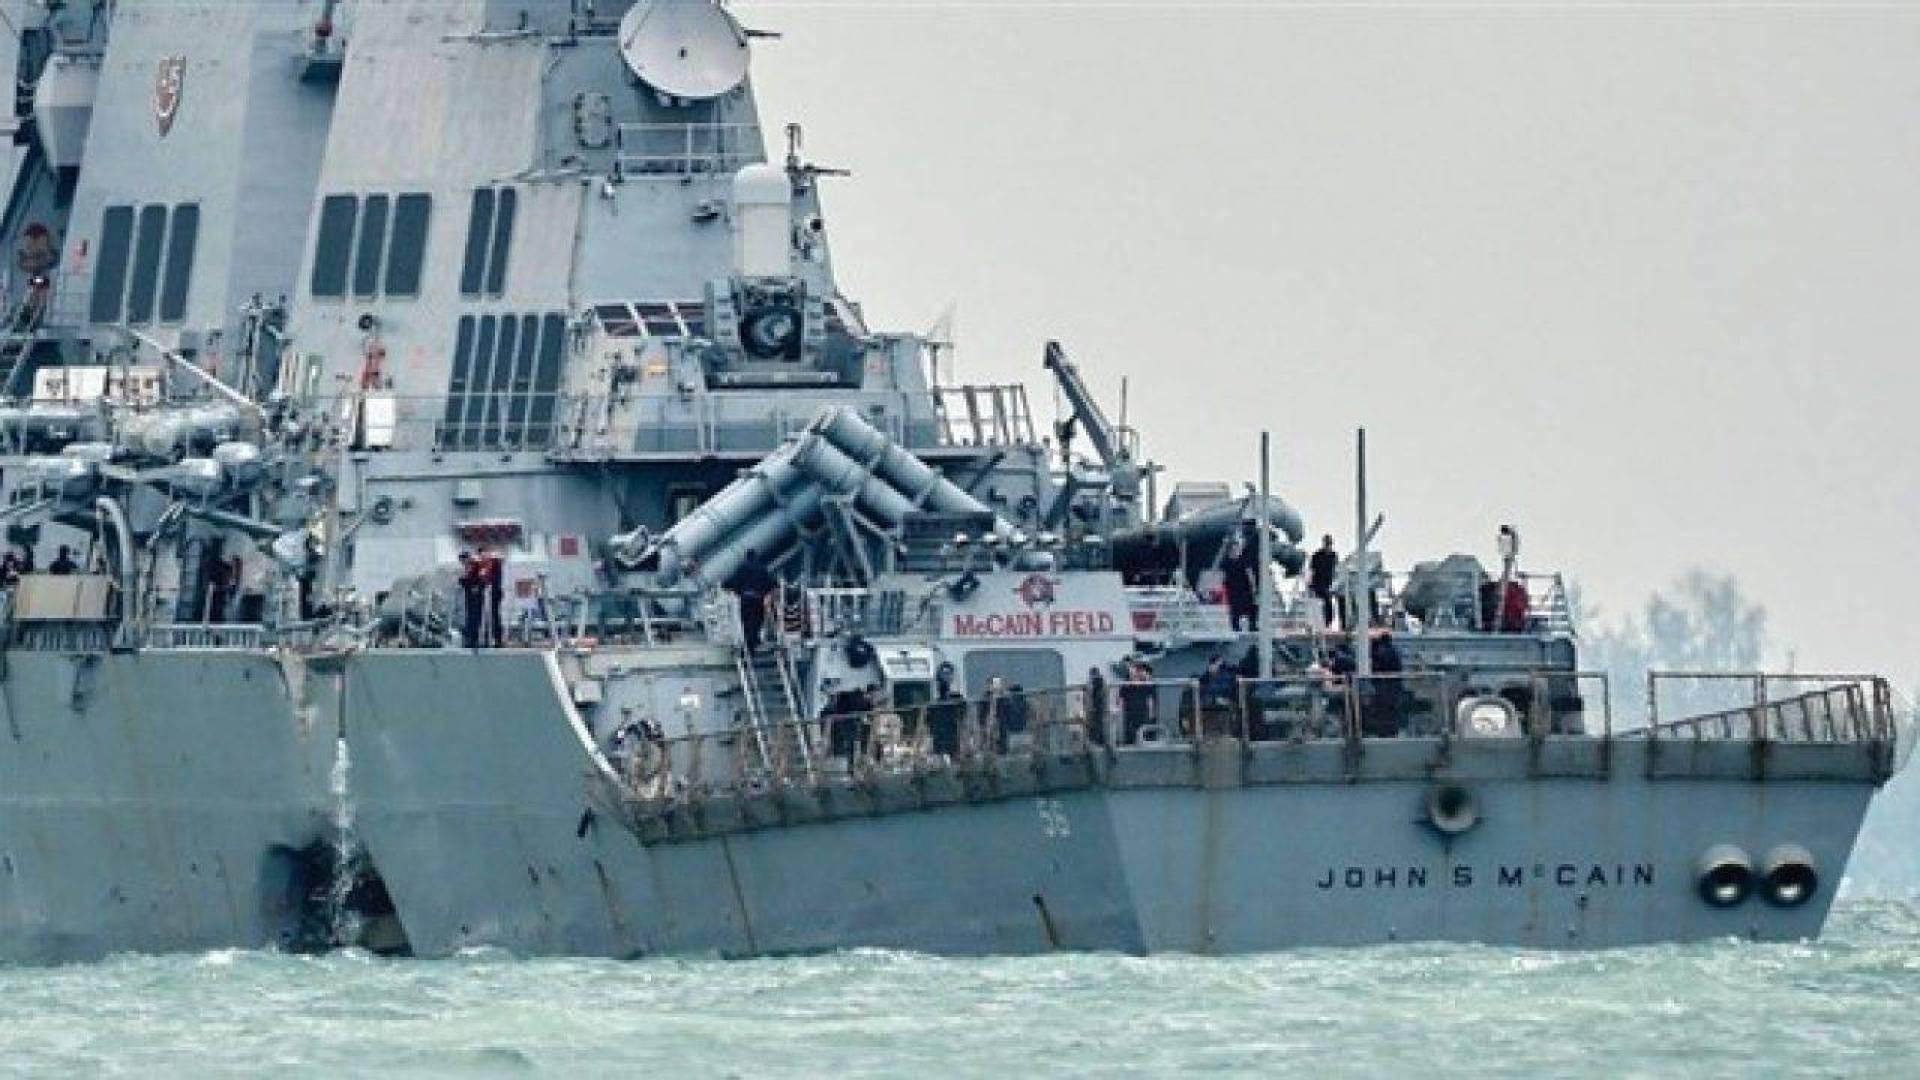 السفينة الحربية التى تحمل اسم  جون ماكين